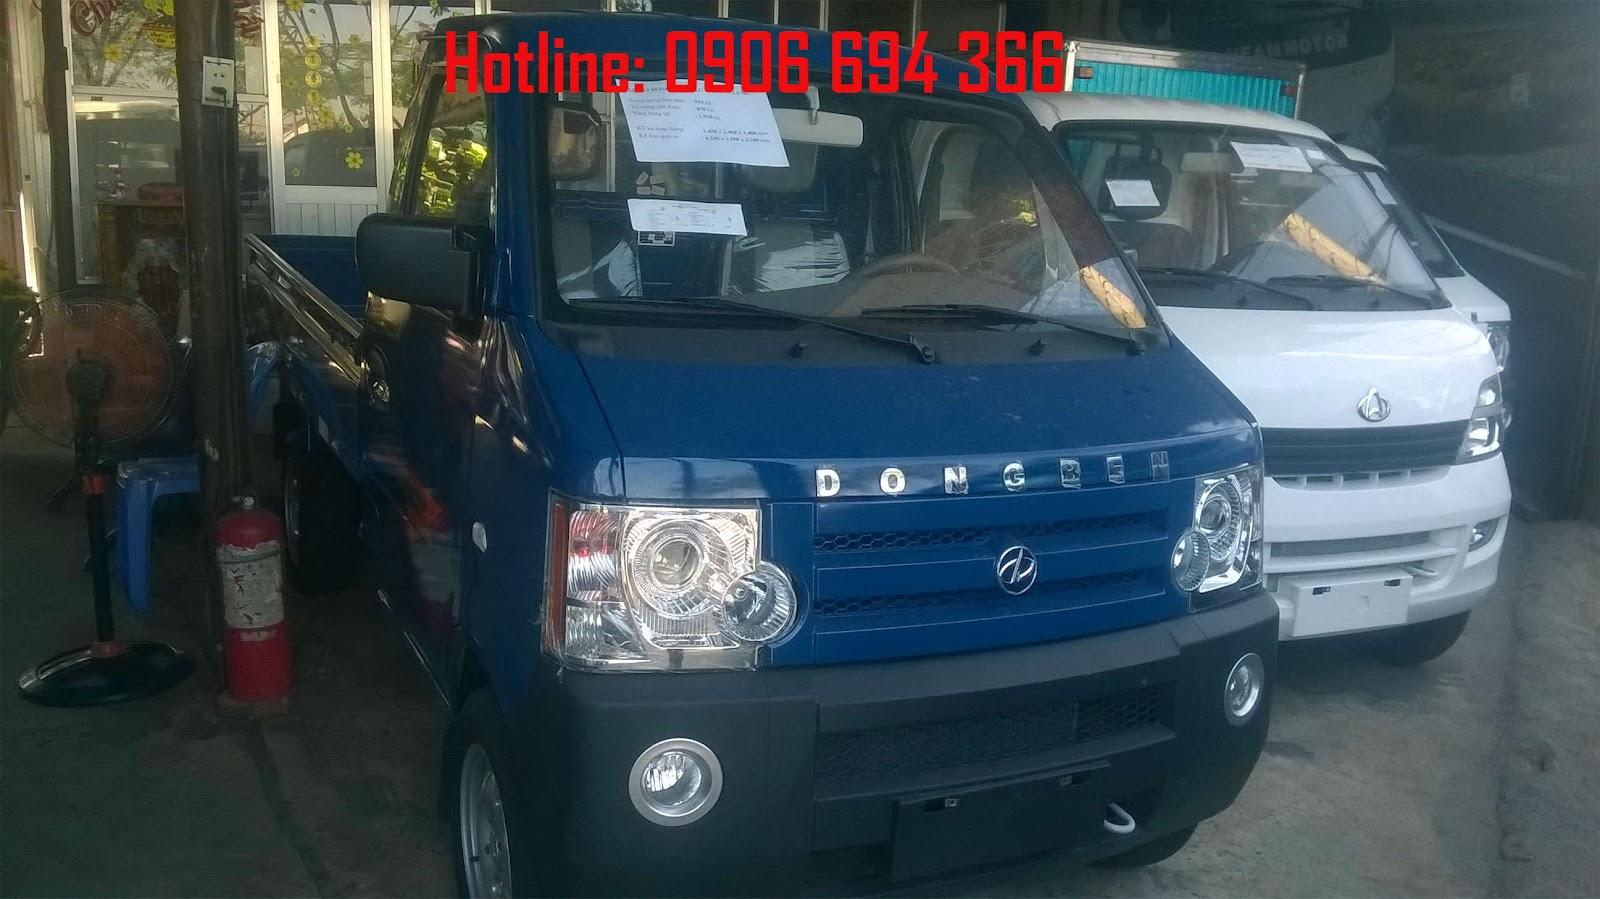 Đại lý bán xe tải 800kg - Bán xe tải nhỏ 870kg Dongben thùng 2 mét 5 trả góp lãi suất thấp